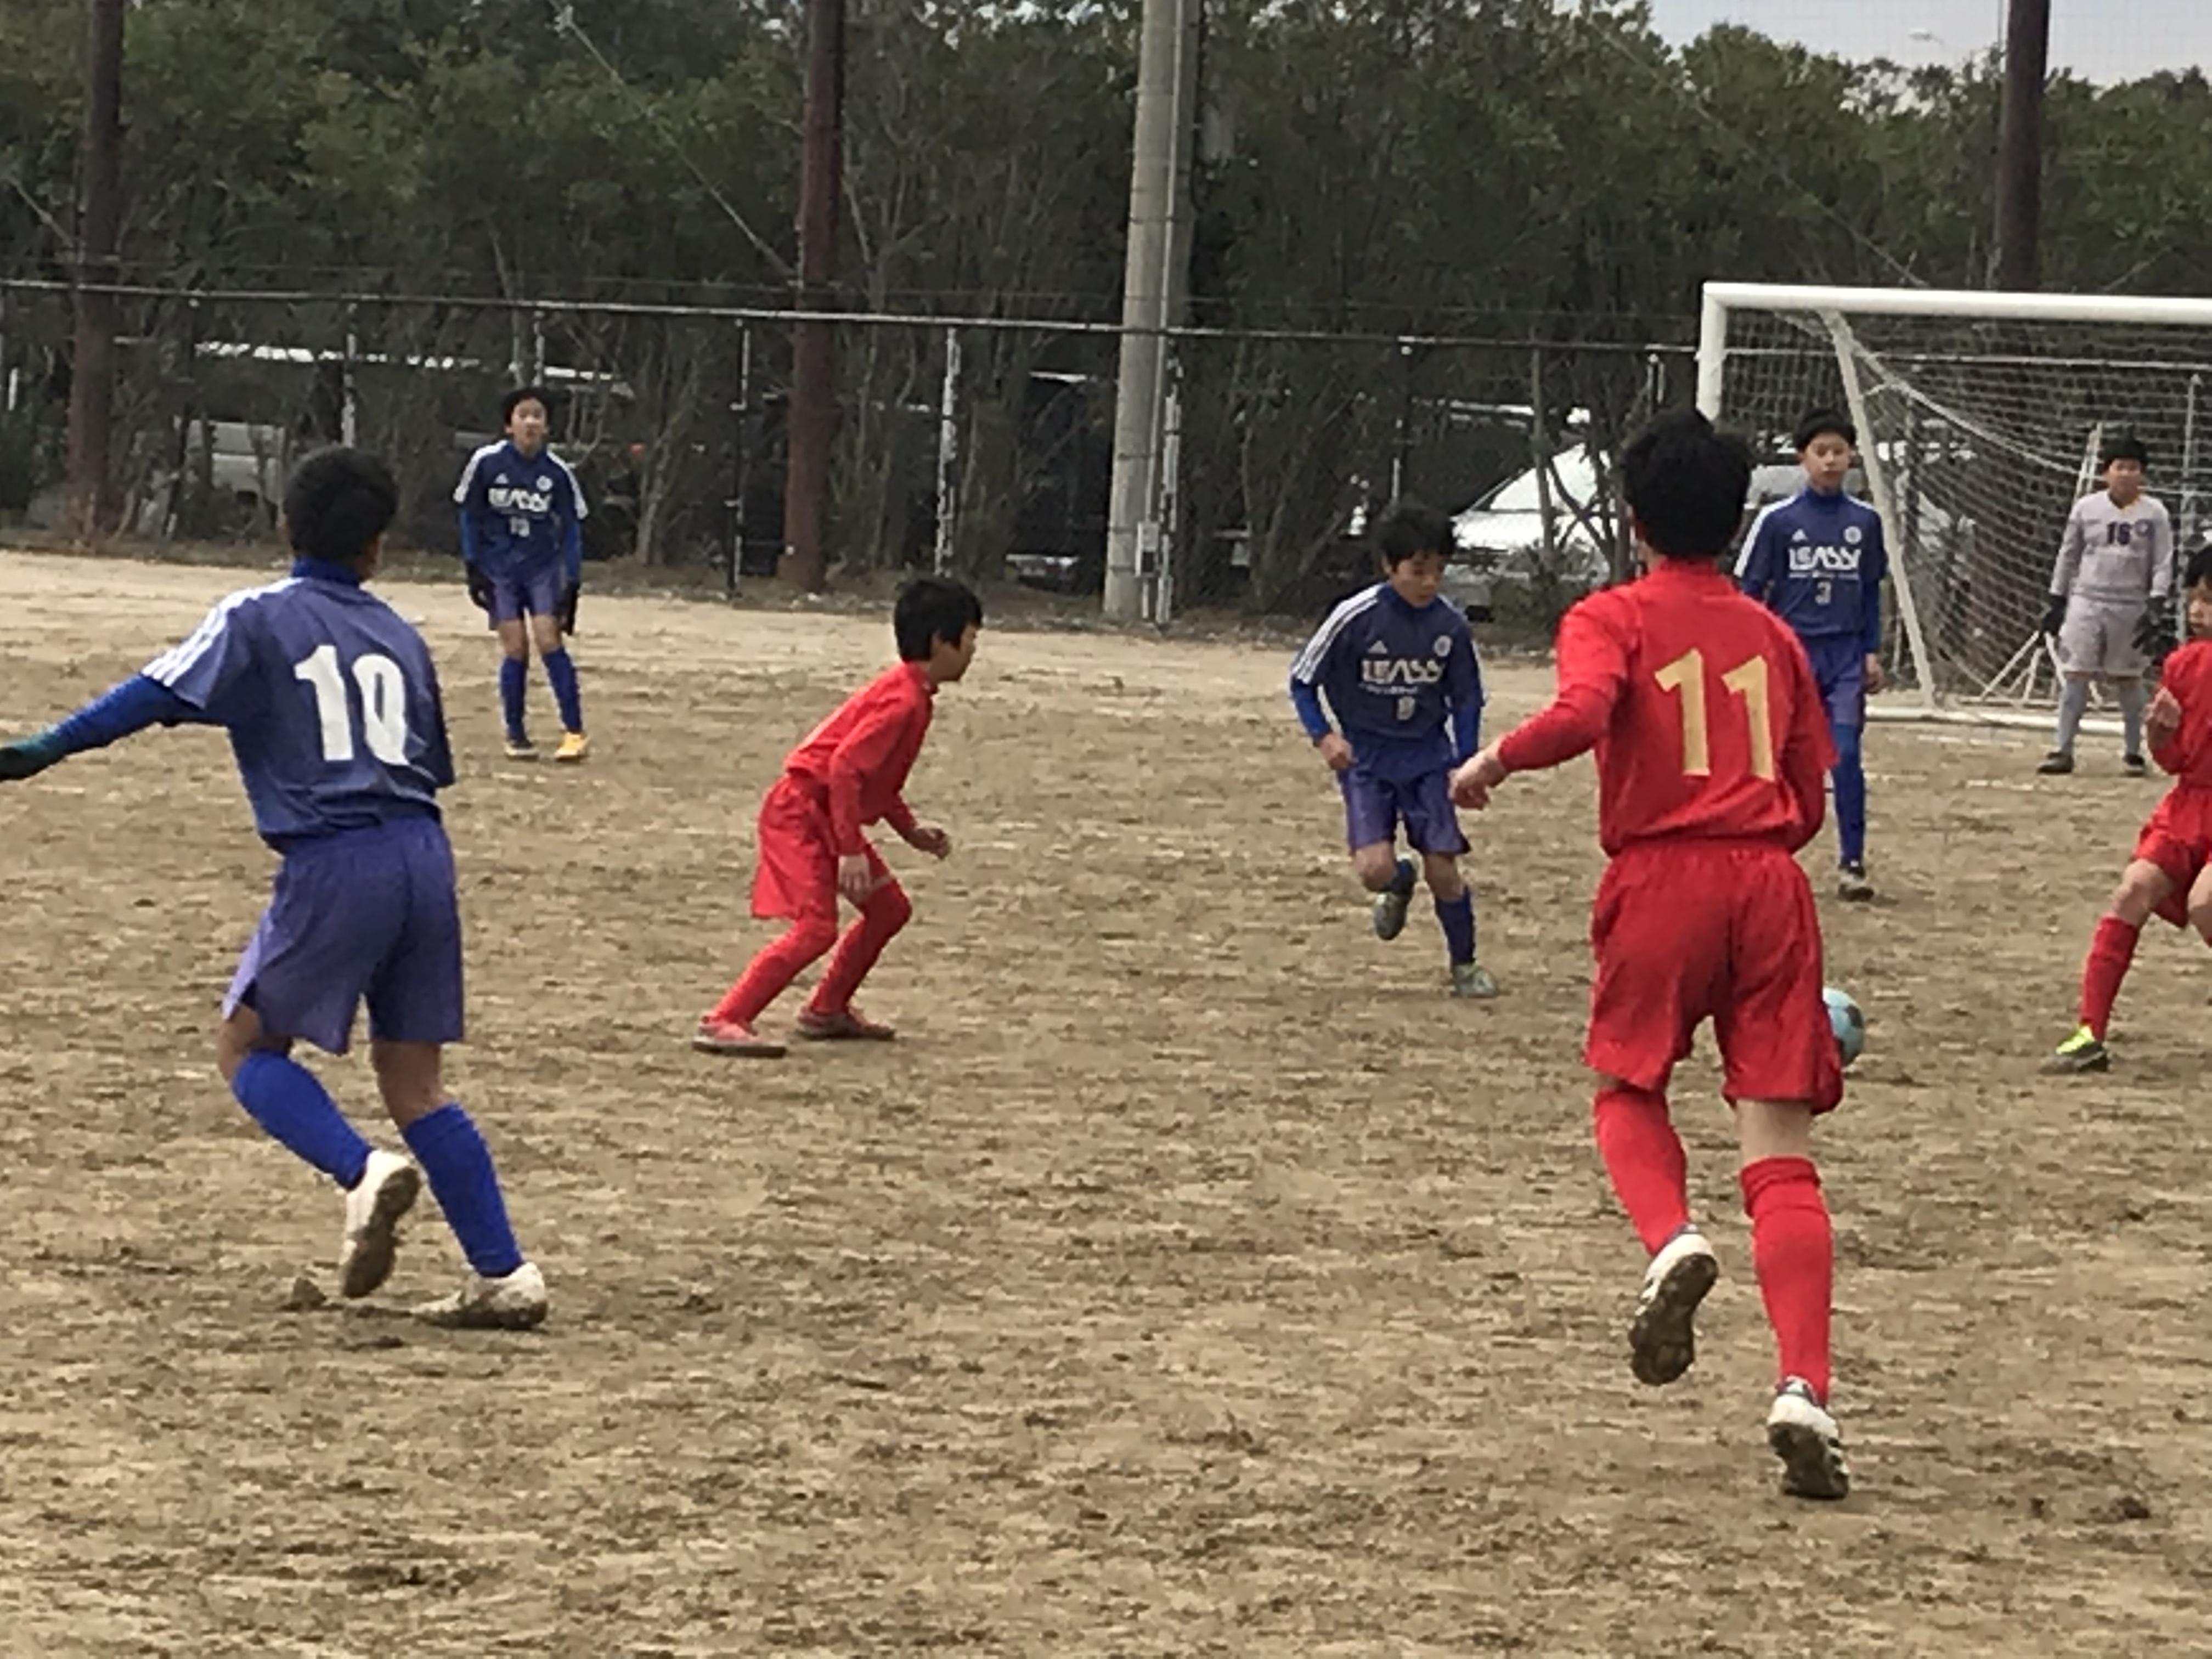 U12 3rd 市長杯 VSルーザS、田隈入部、CLUB東福岡